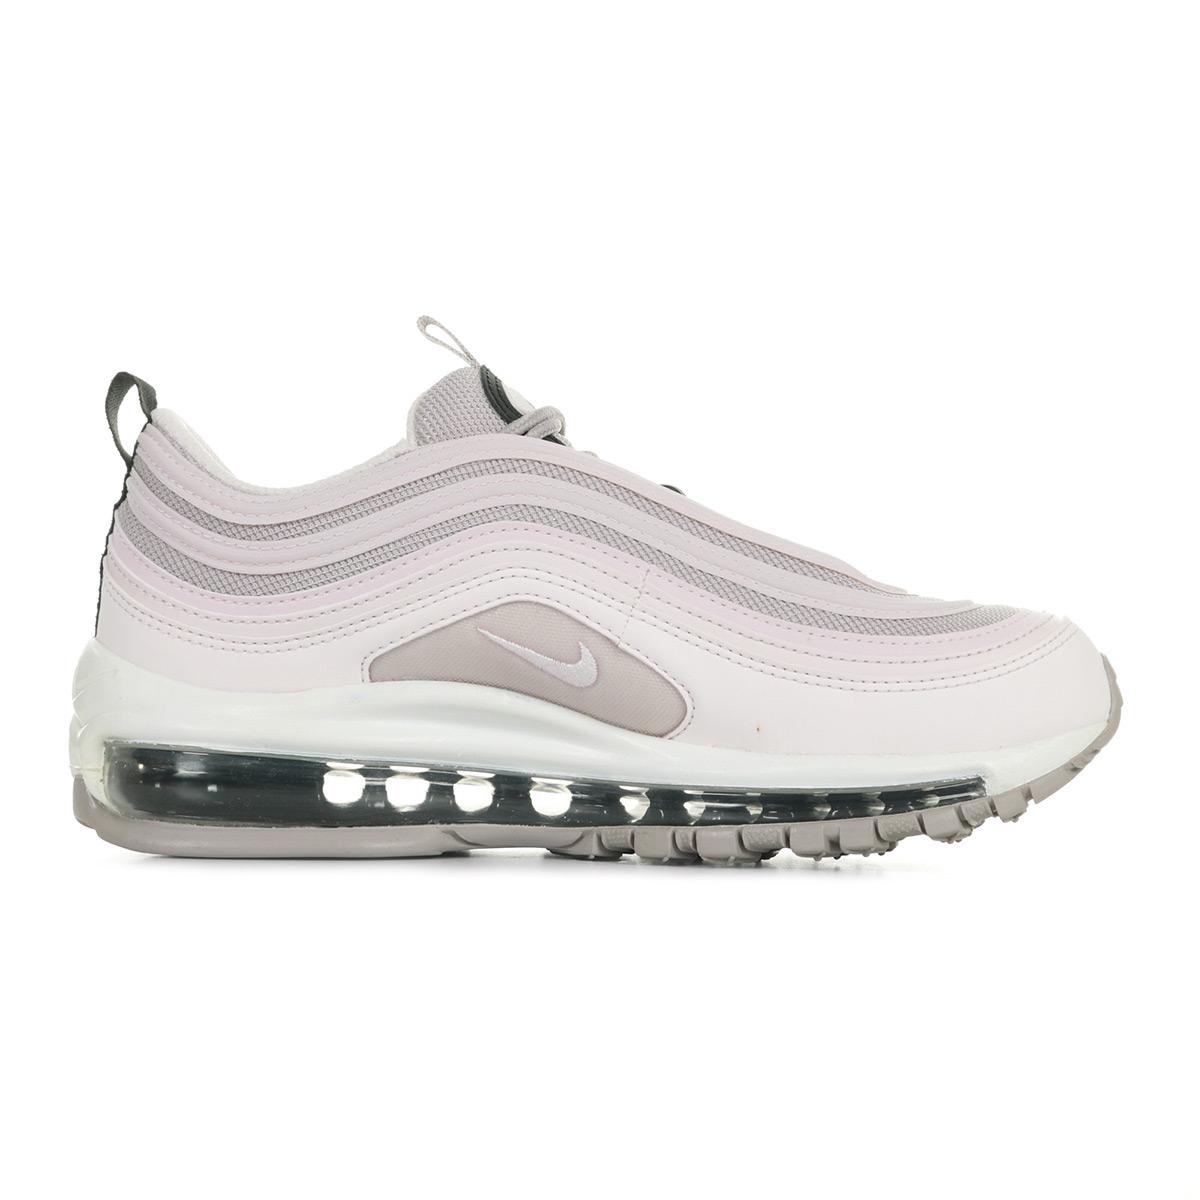 Nike Wn's Air Max 97